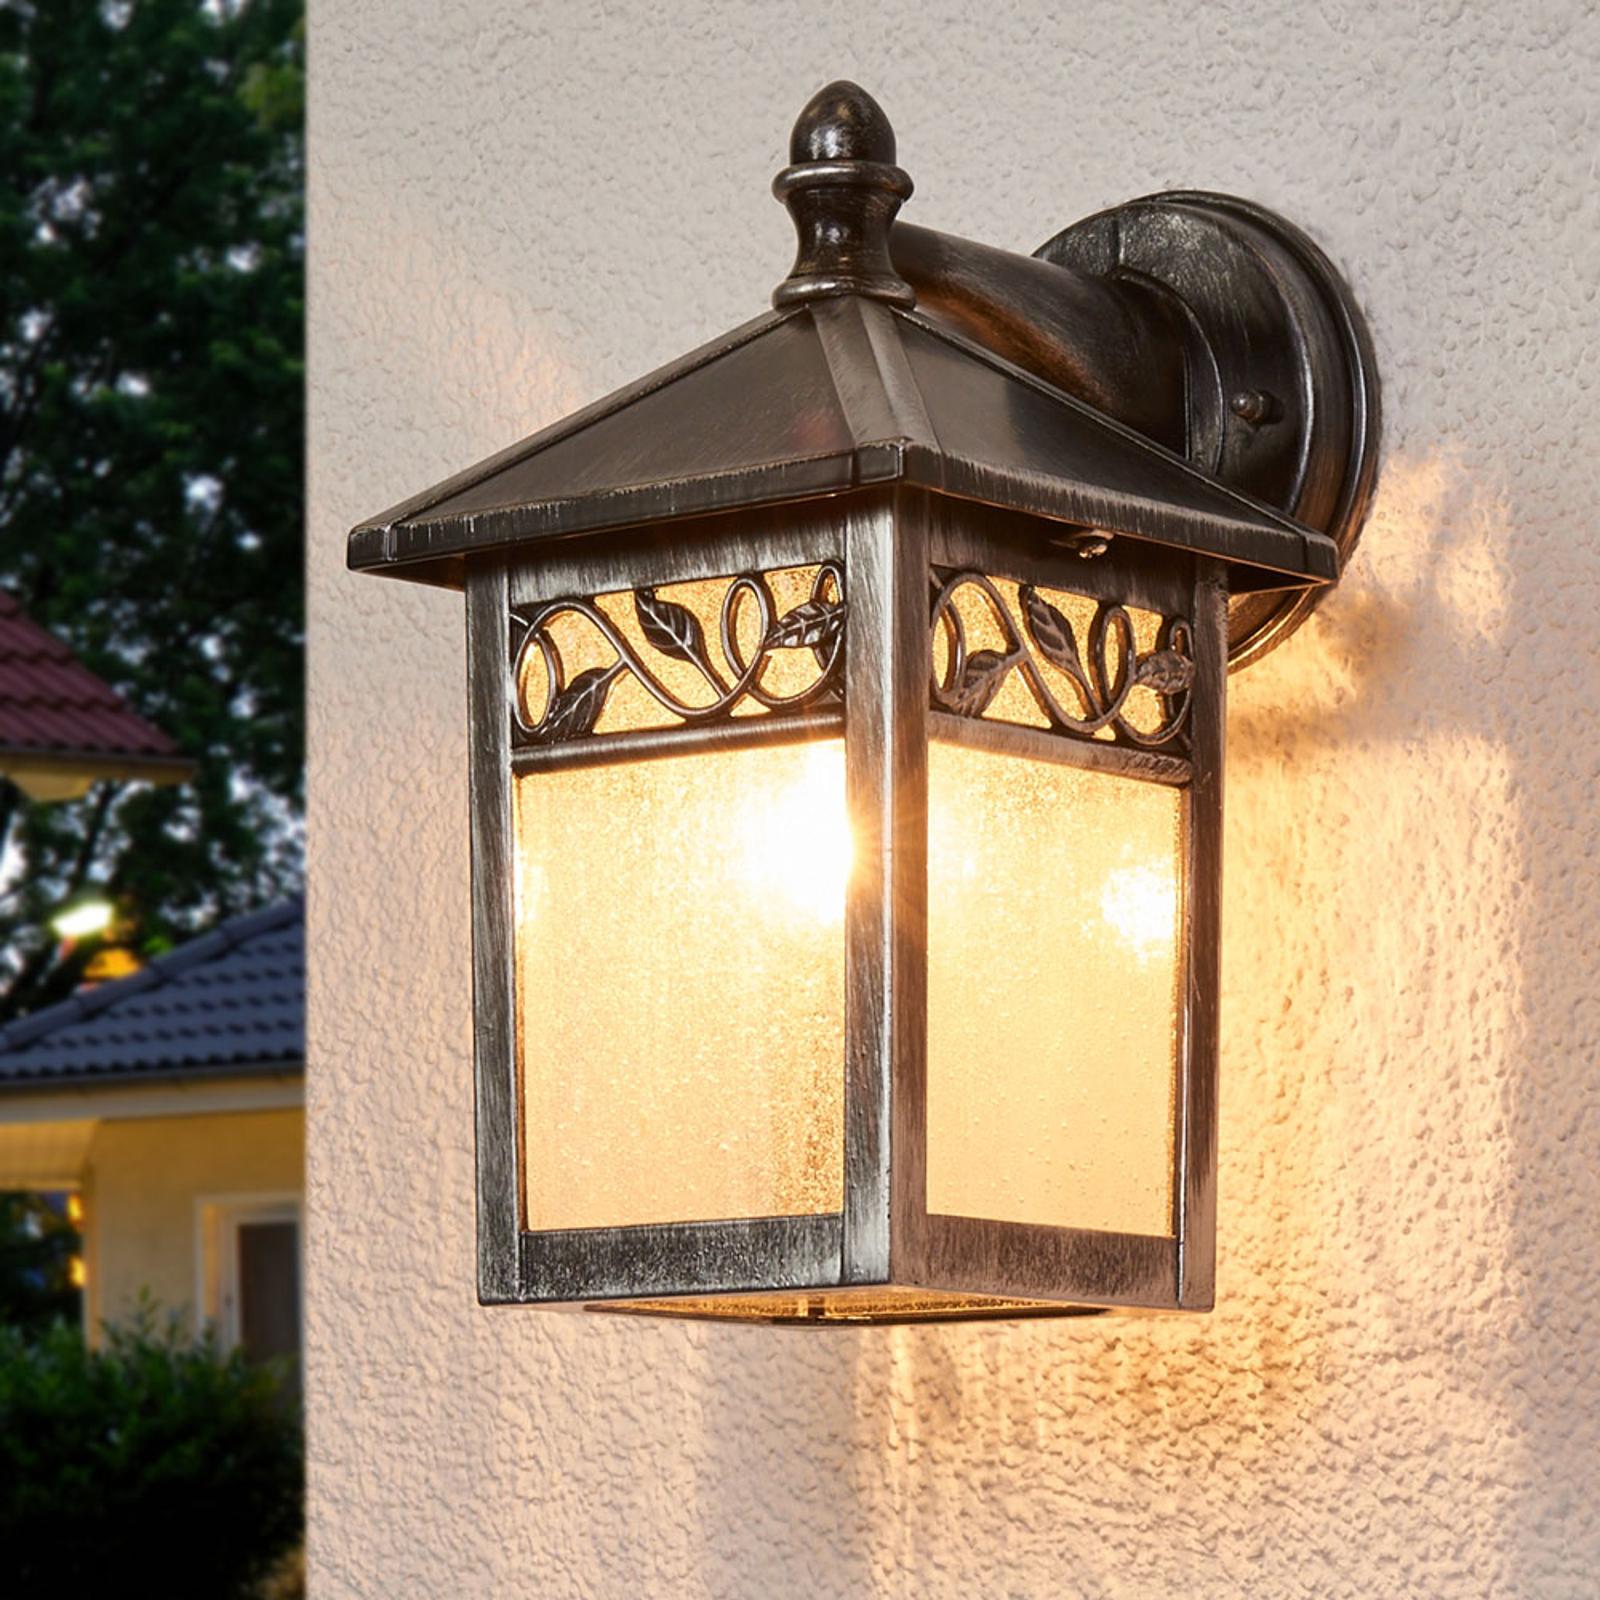 Winchcombe Outside Wall Light Elegantly Designed_3048263_1